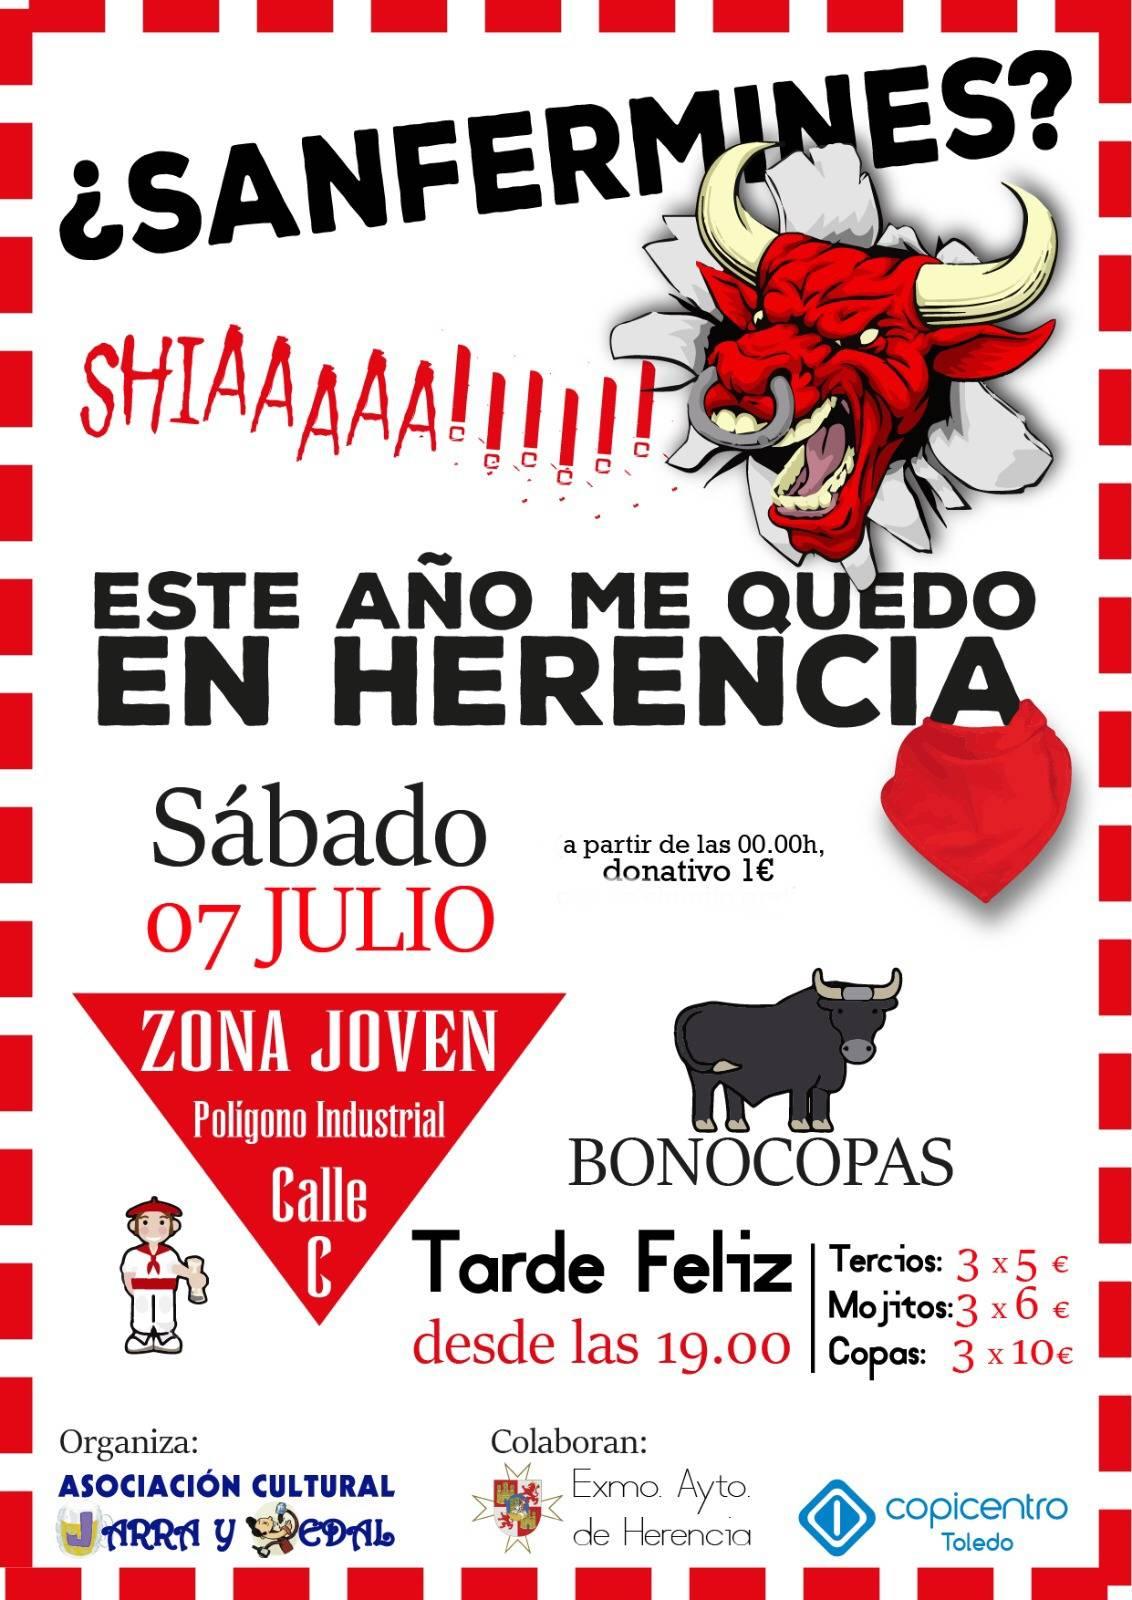 Fiesta de verano de la asociaci%C3%B3n jarra y pedal - Fiesta de verano de la asociación Jarra y Pedal